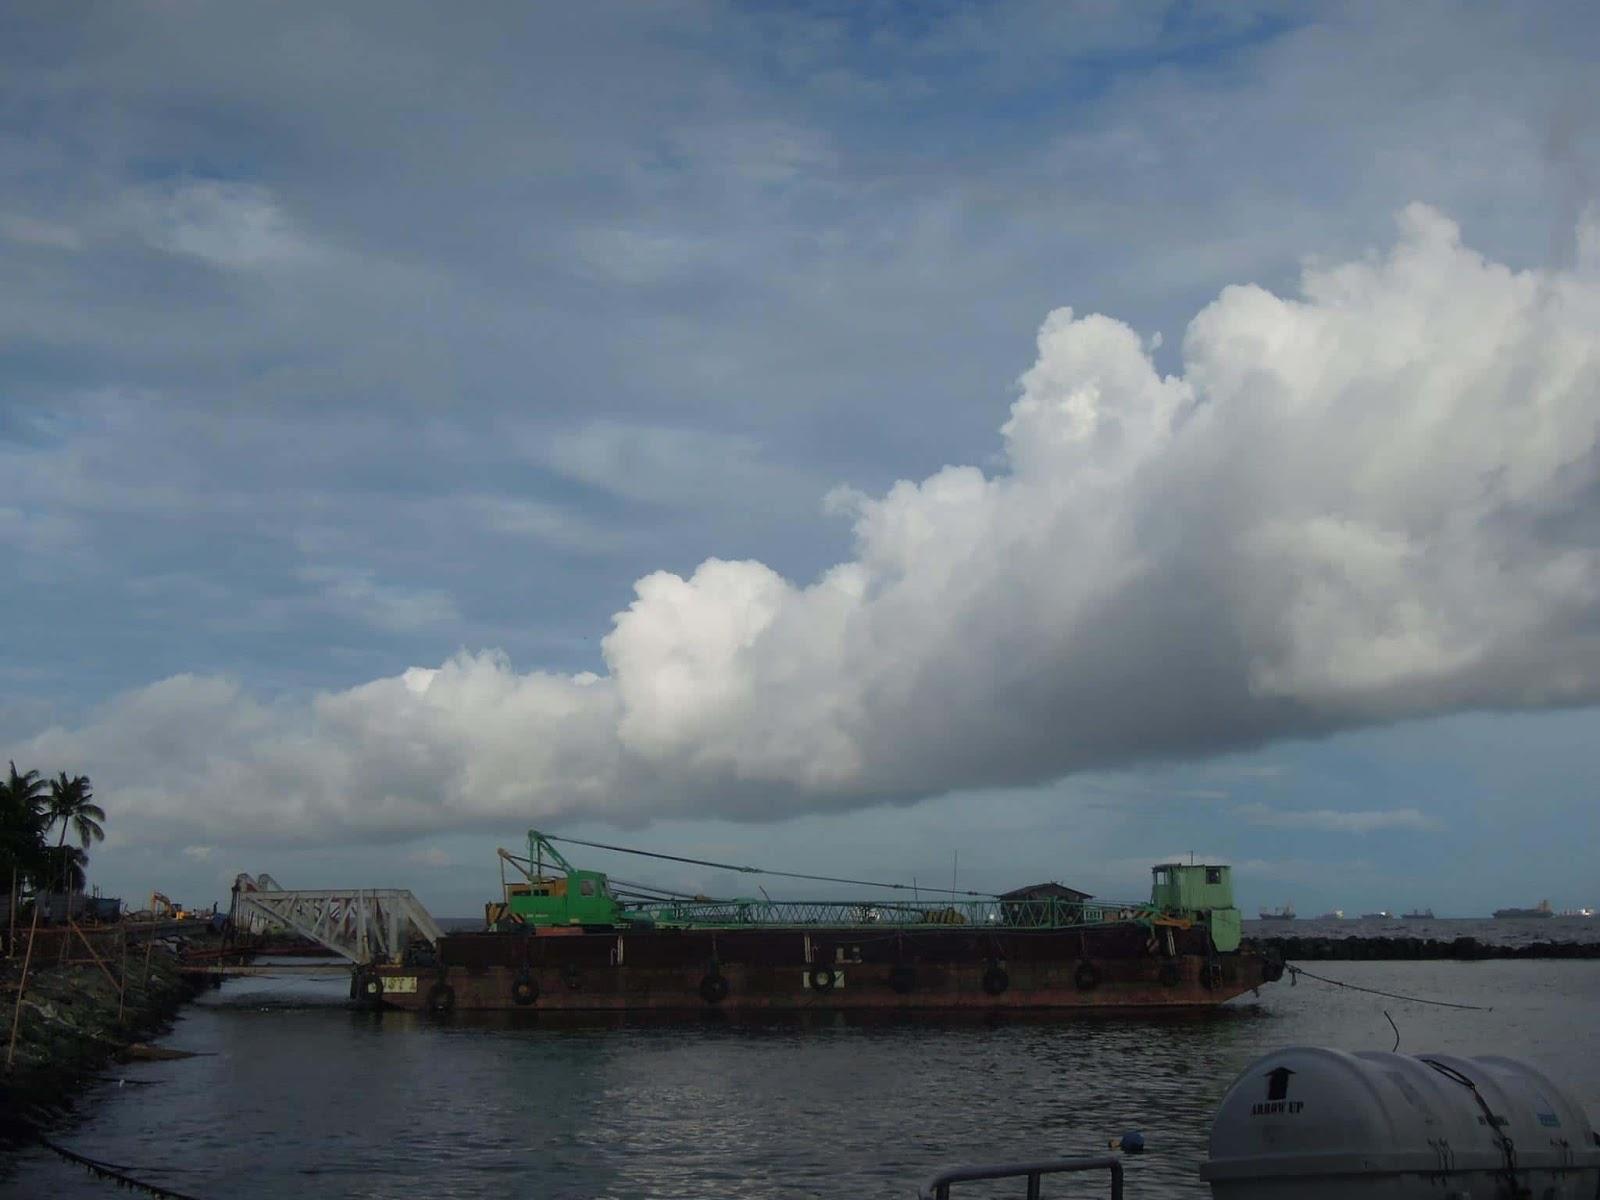 A barge in Manila Bay near the Sun Cruises station